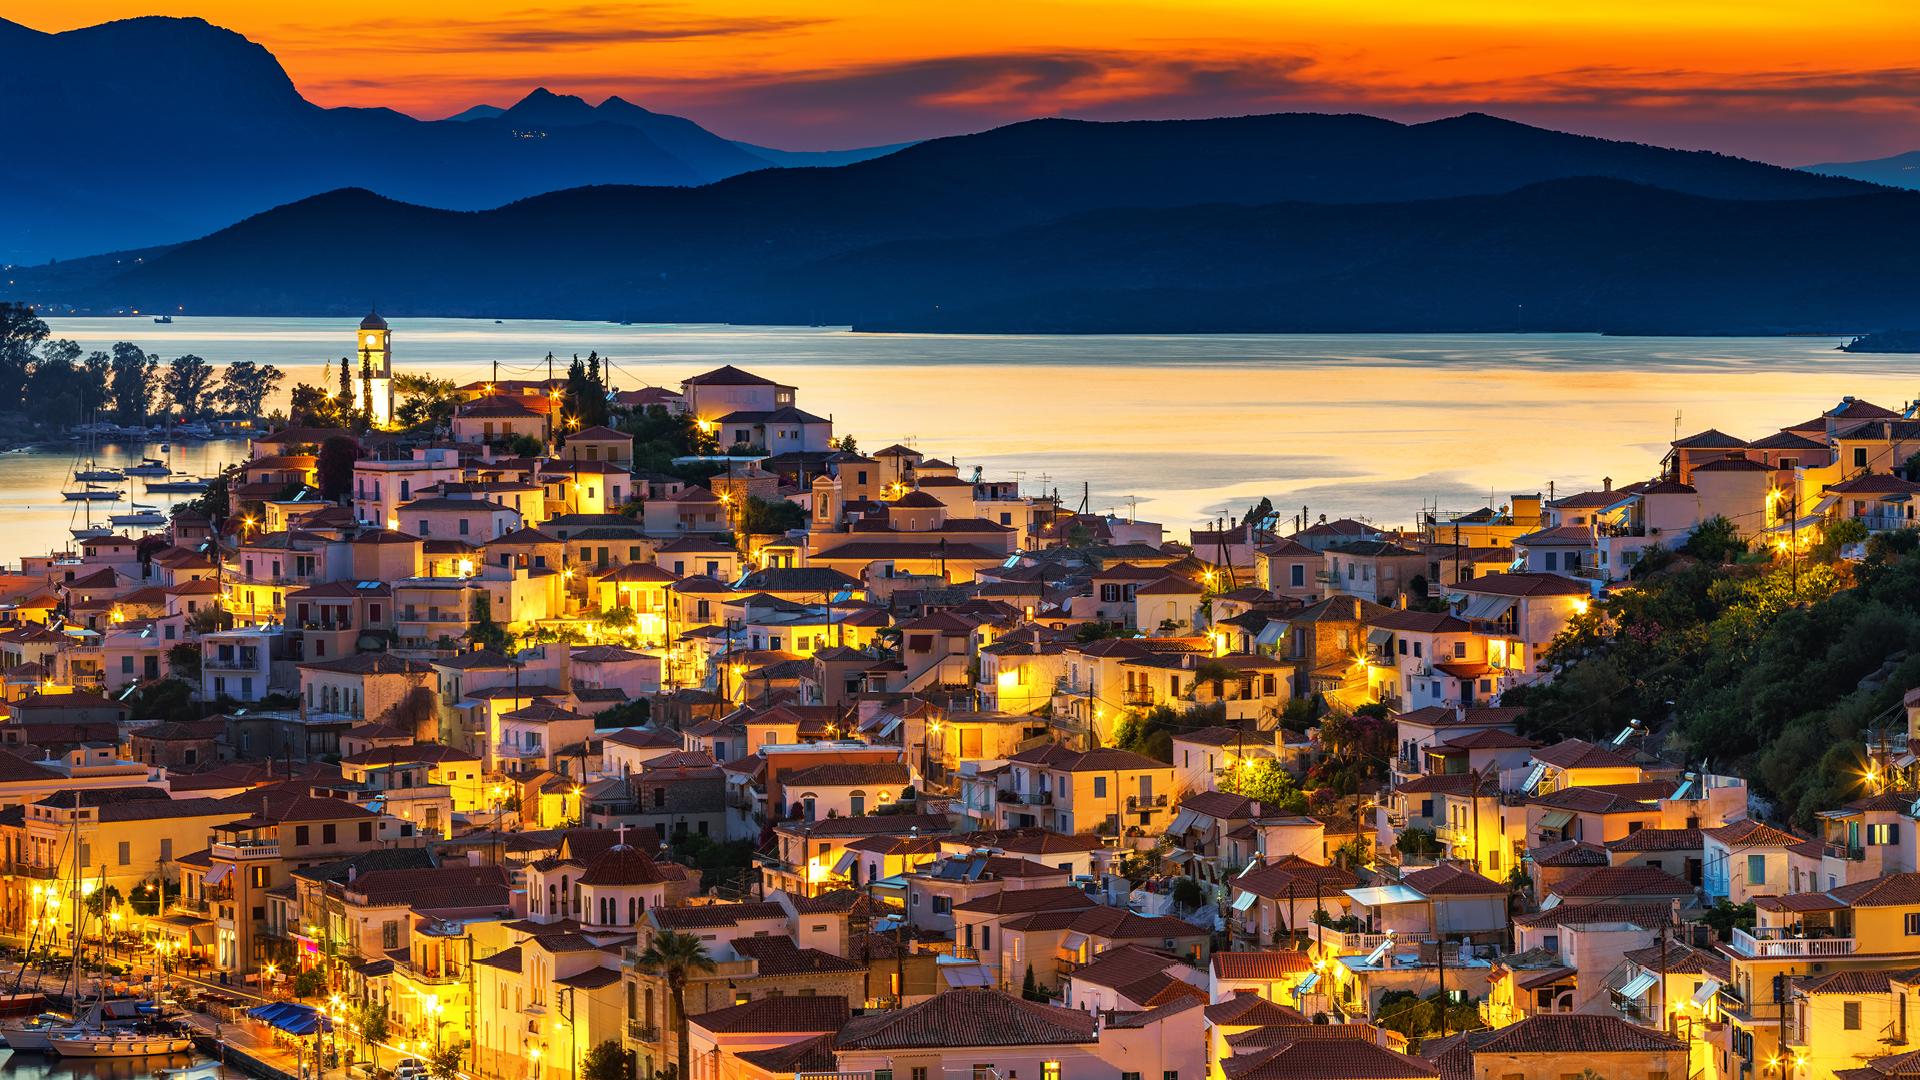 Saronic Gulf - Tour 1 - 6